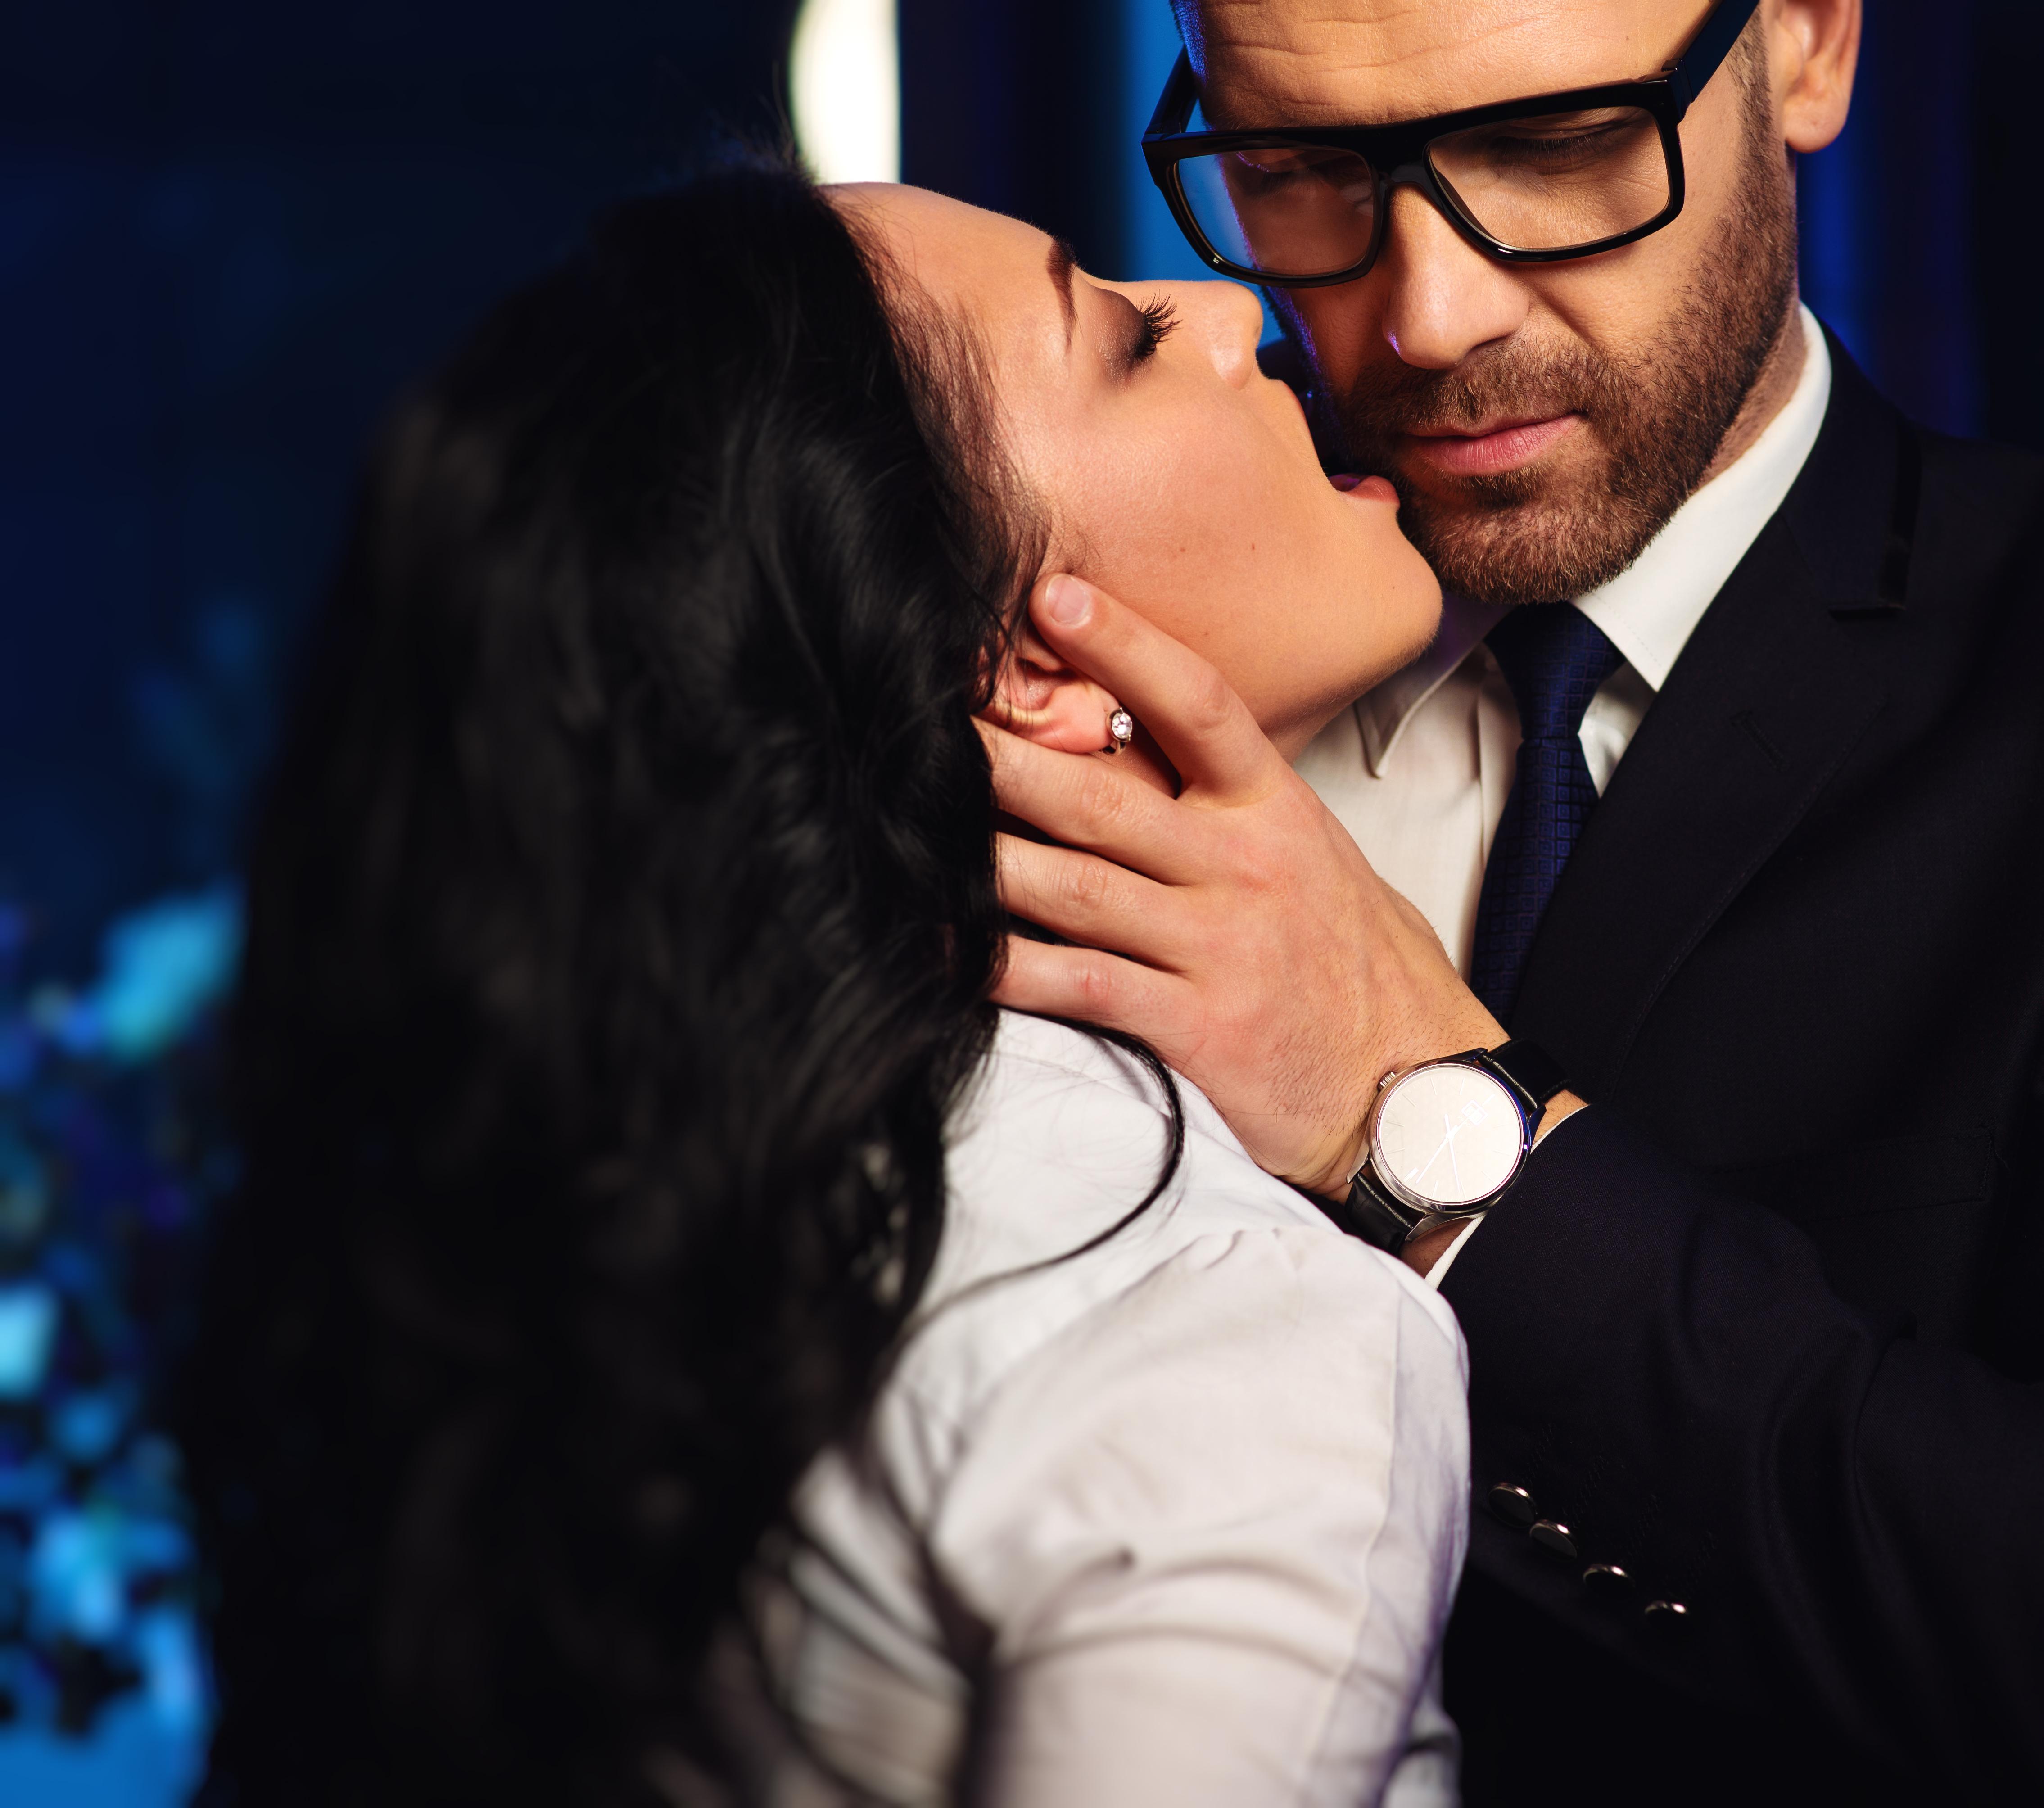 We zijn niet dating, maar hij kuste me